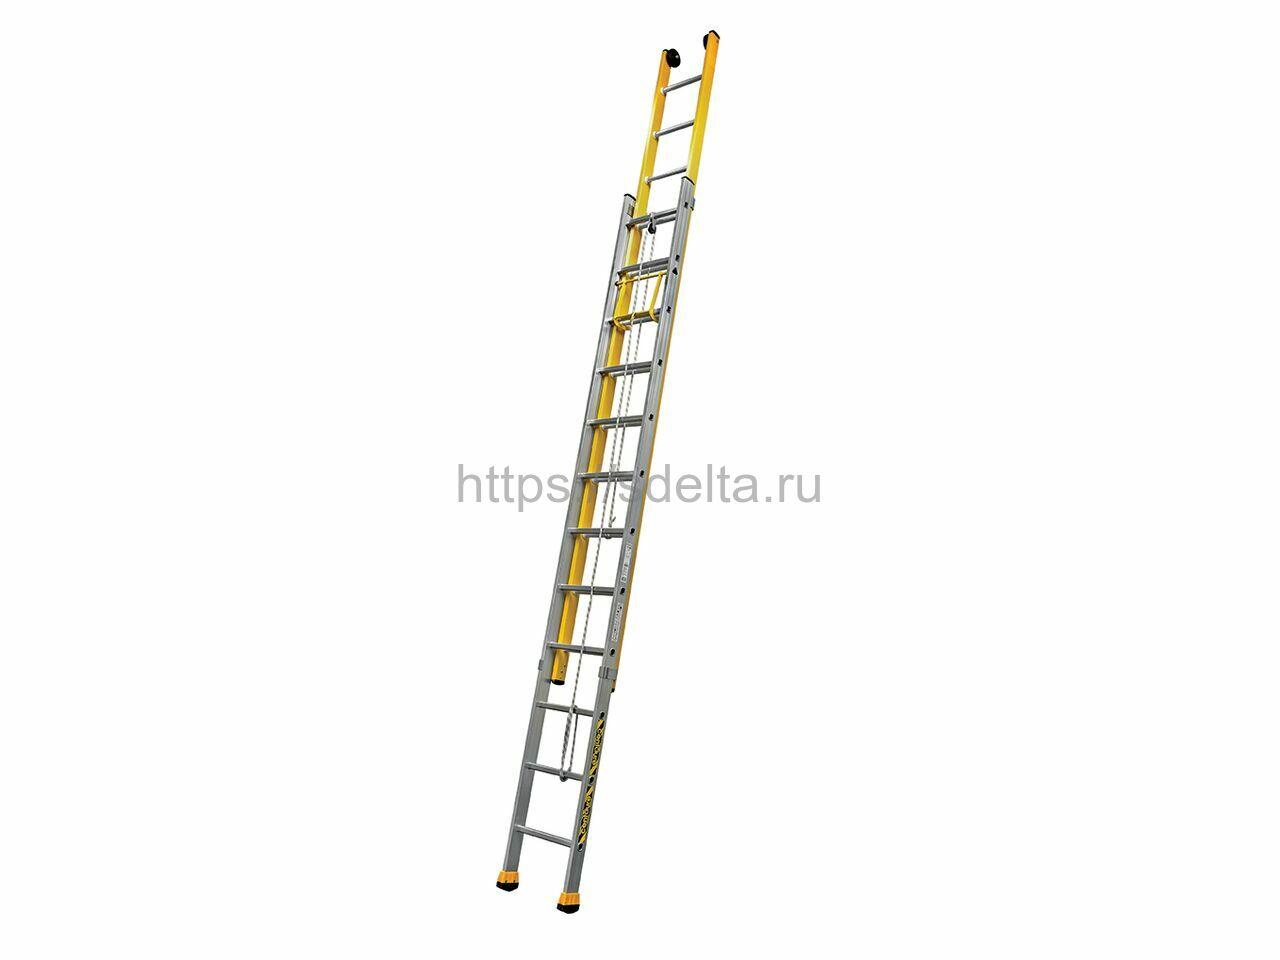 Диэлектрическая лестница C2 MIX 2х12 с тросом Centaure Франция